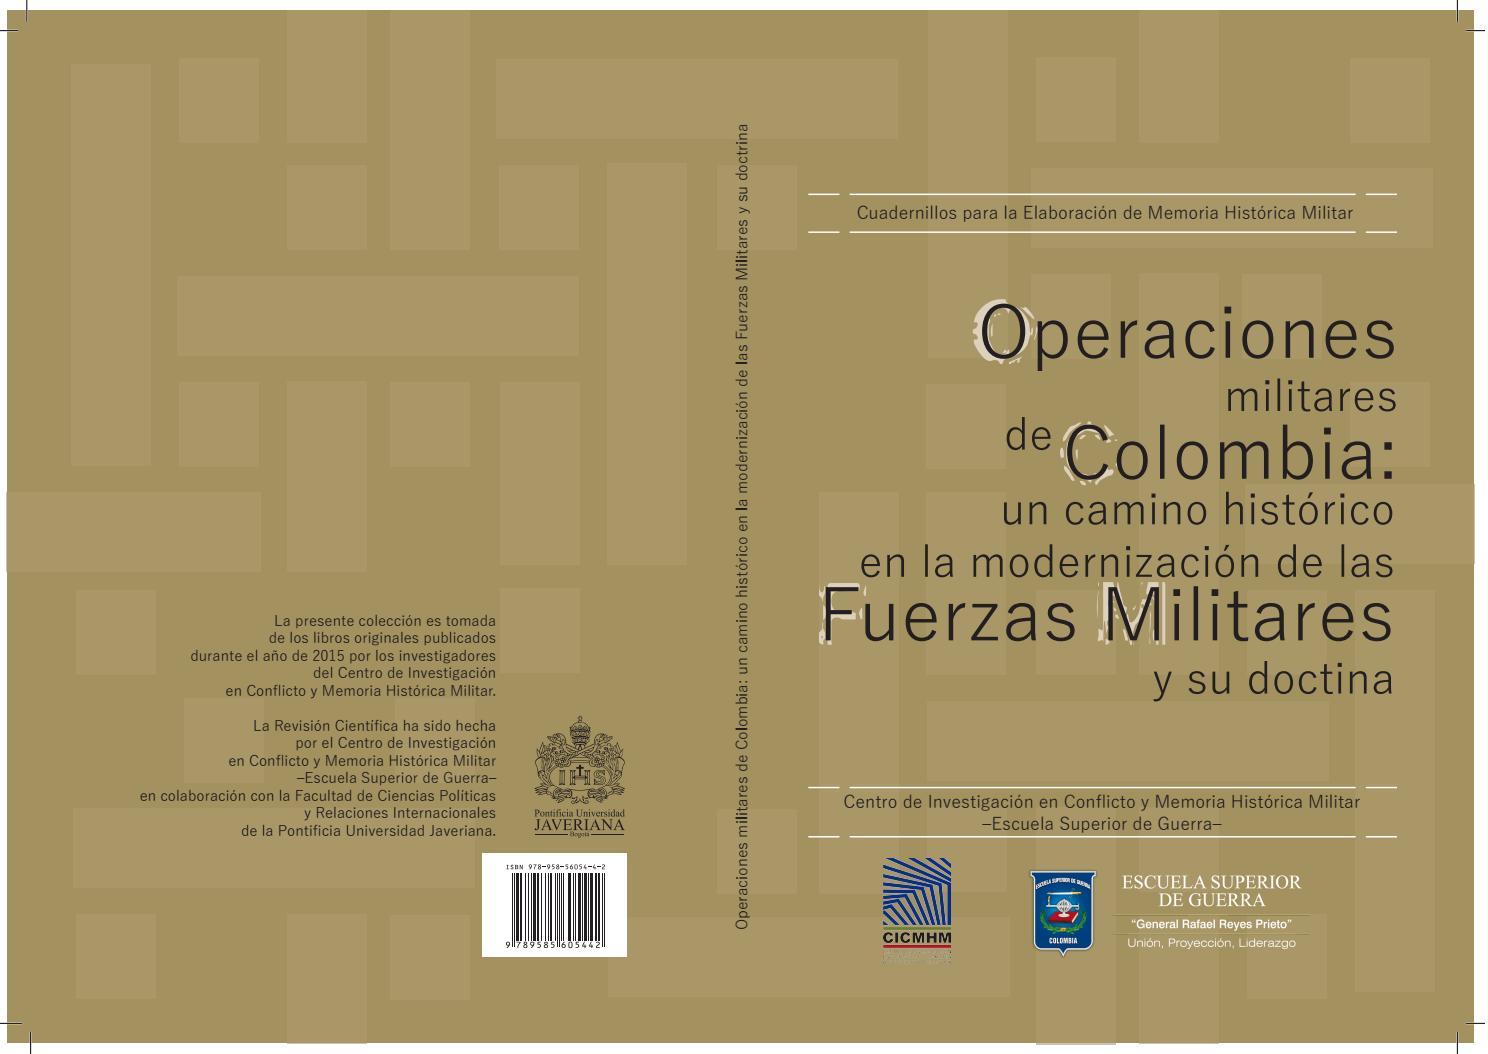 Operaciones militares de colombia un camino historico en la modernizacion de las ff mm by centro de investigaci n en conflicto y memoria hist rica militar